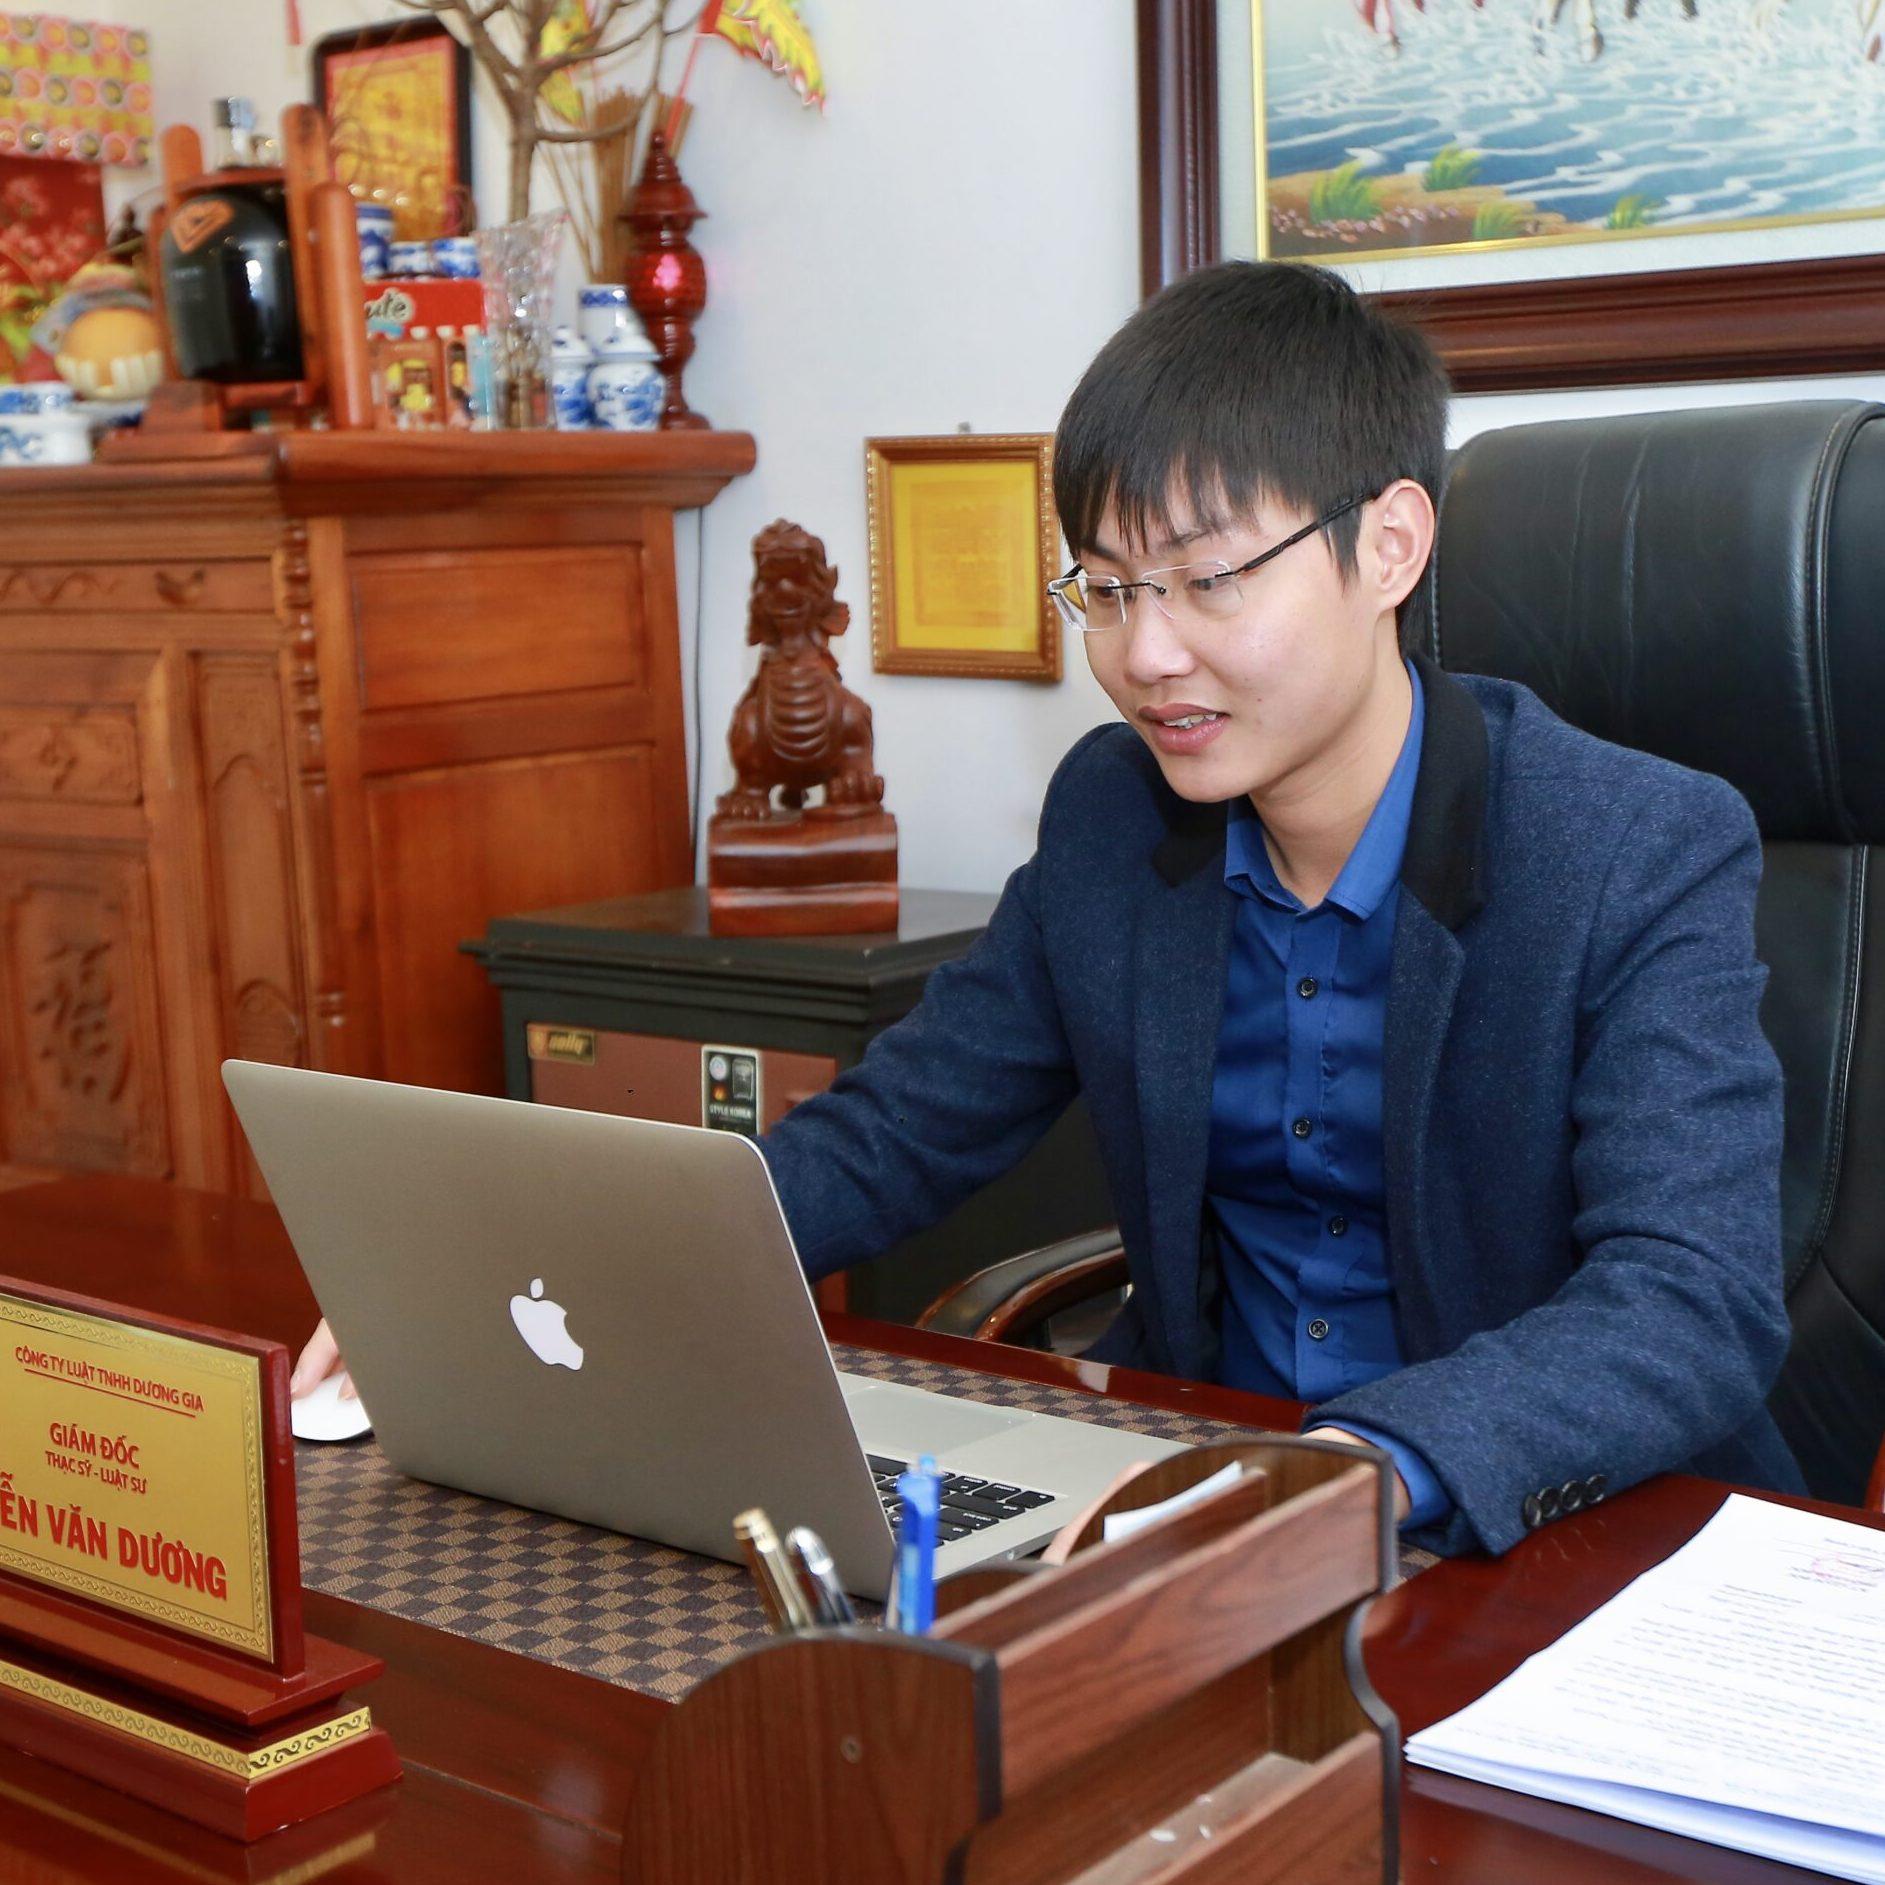 luat-su-Nguyen-Van-Duong-cong-ty-Luat-TNHH-Duong-Gia